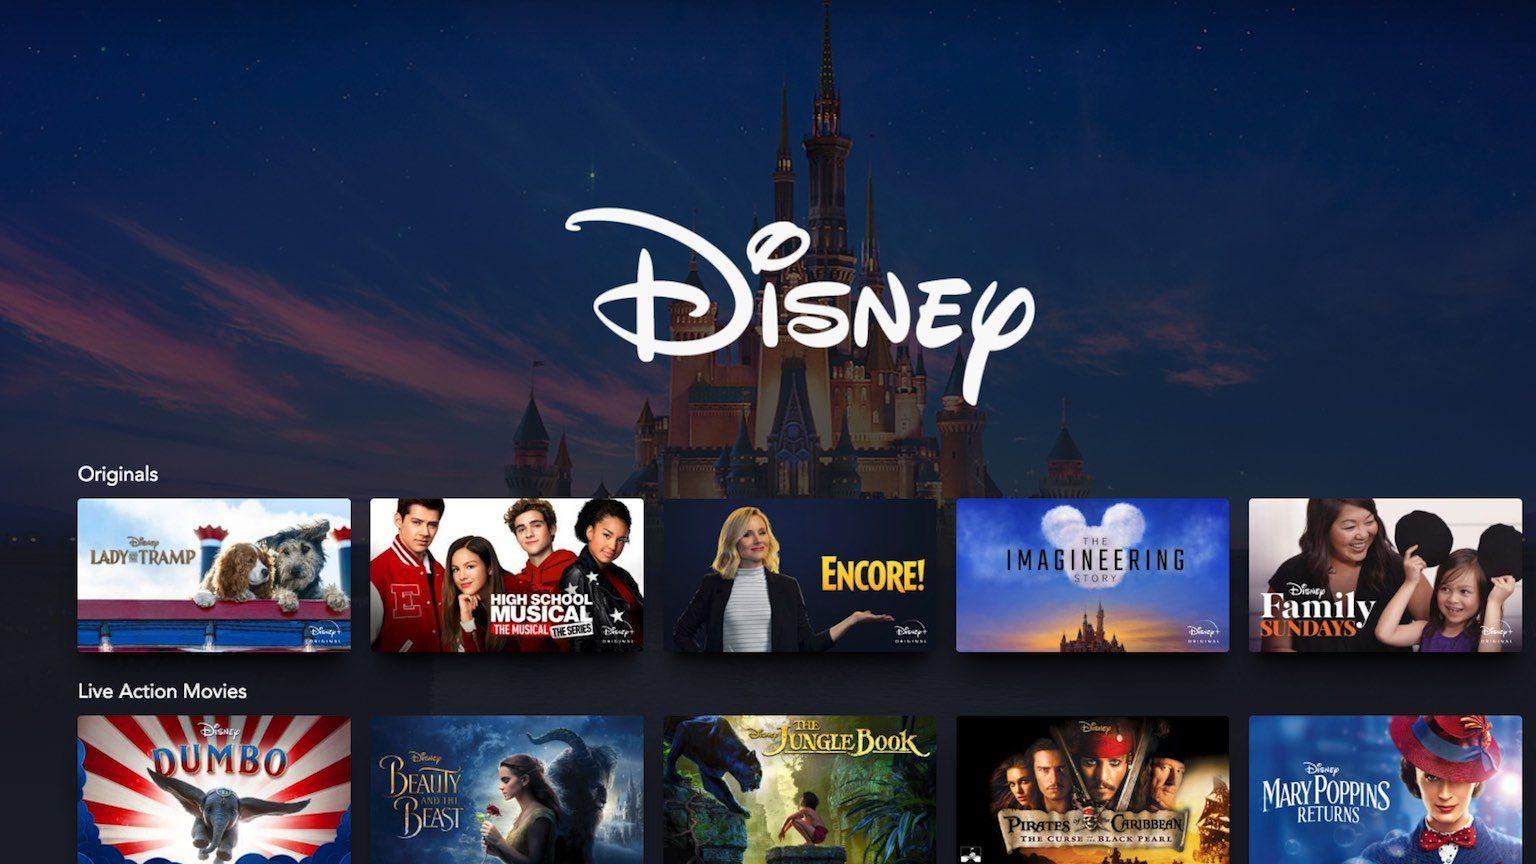 Disney on Disney+